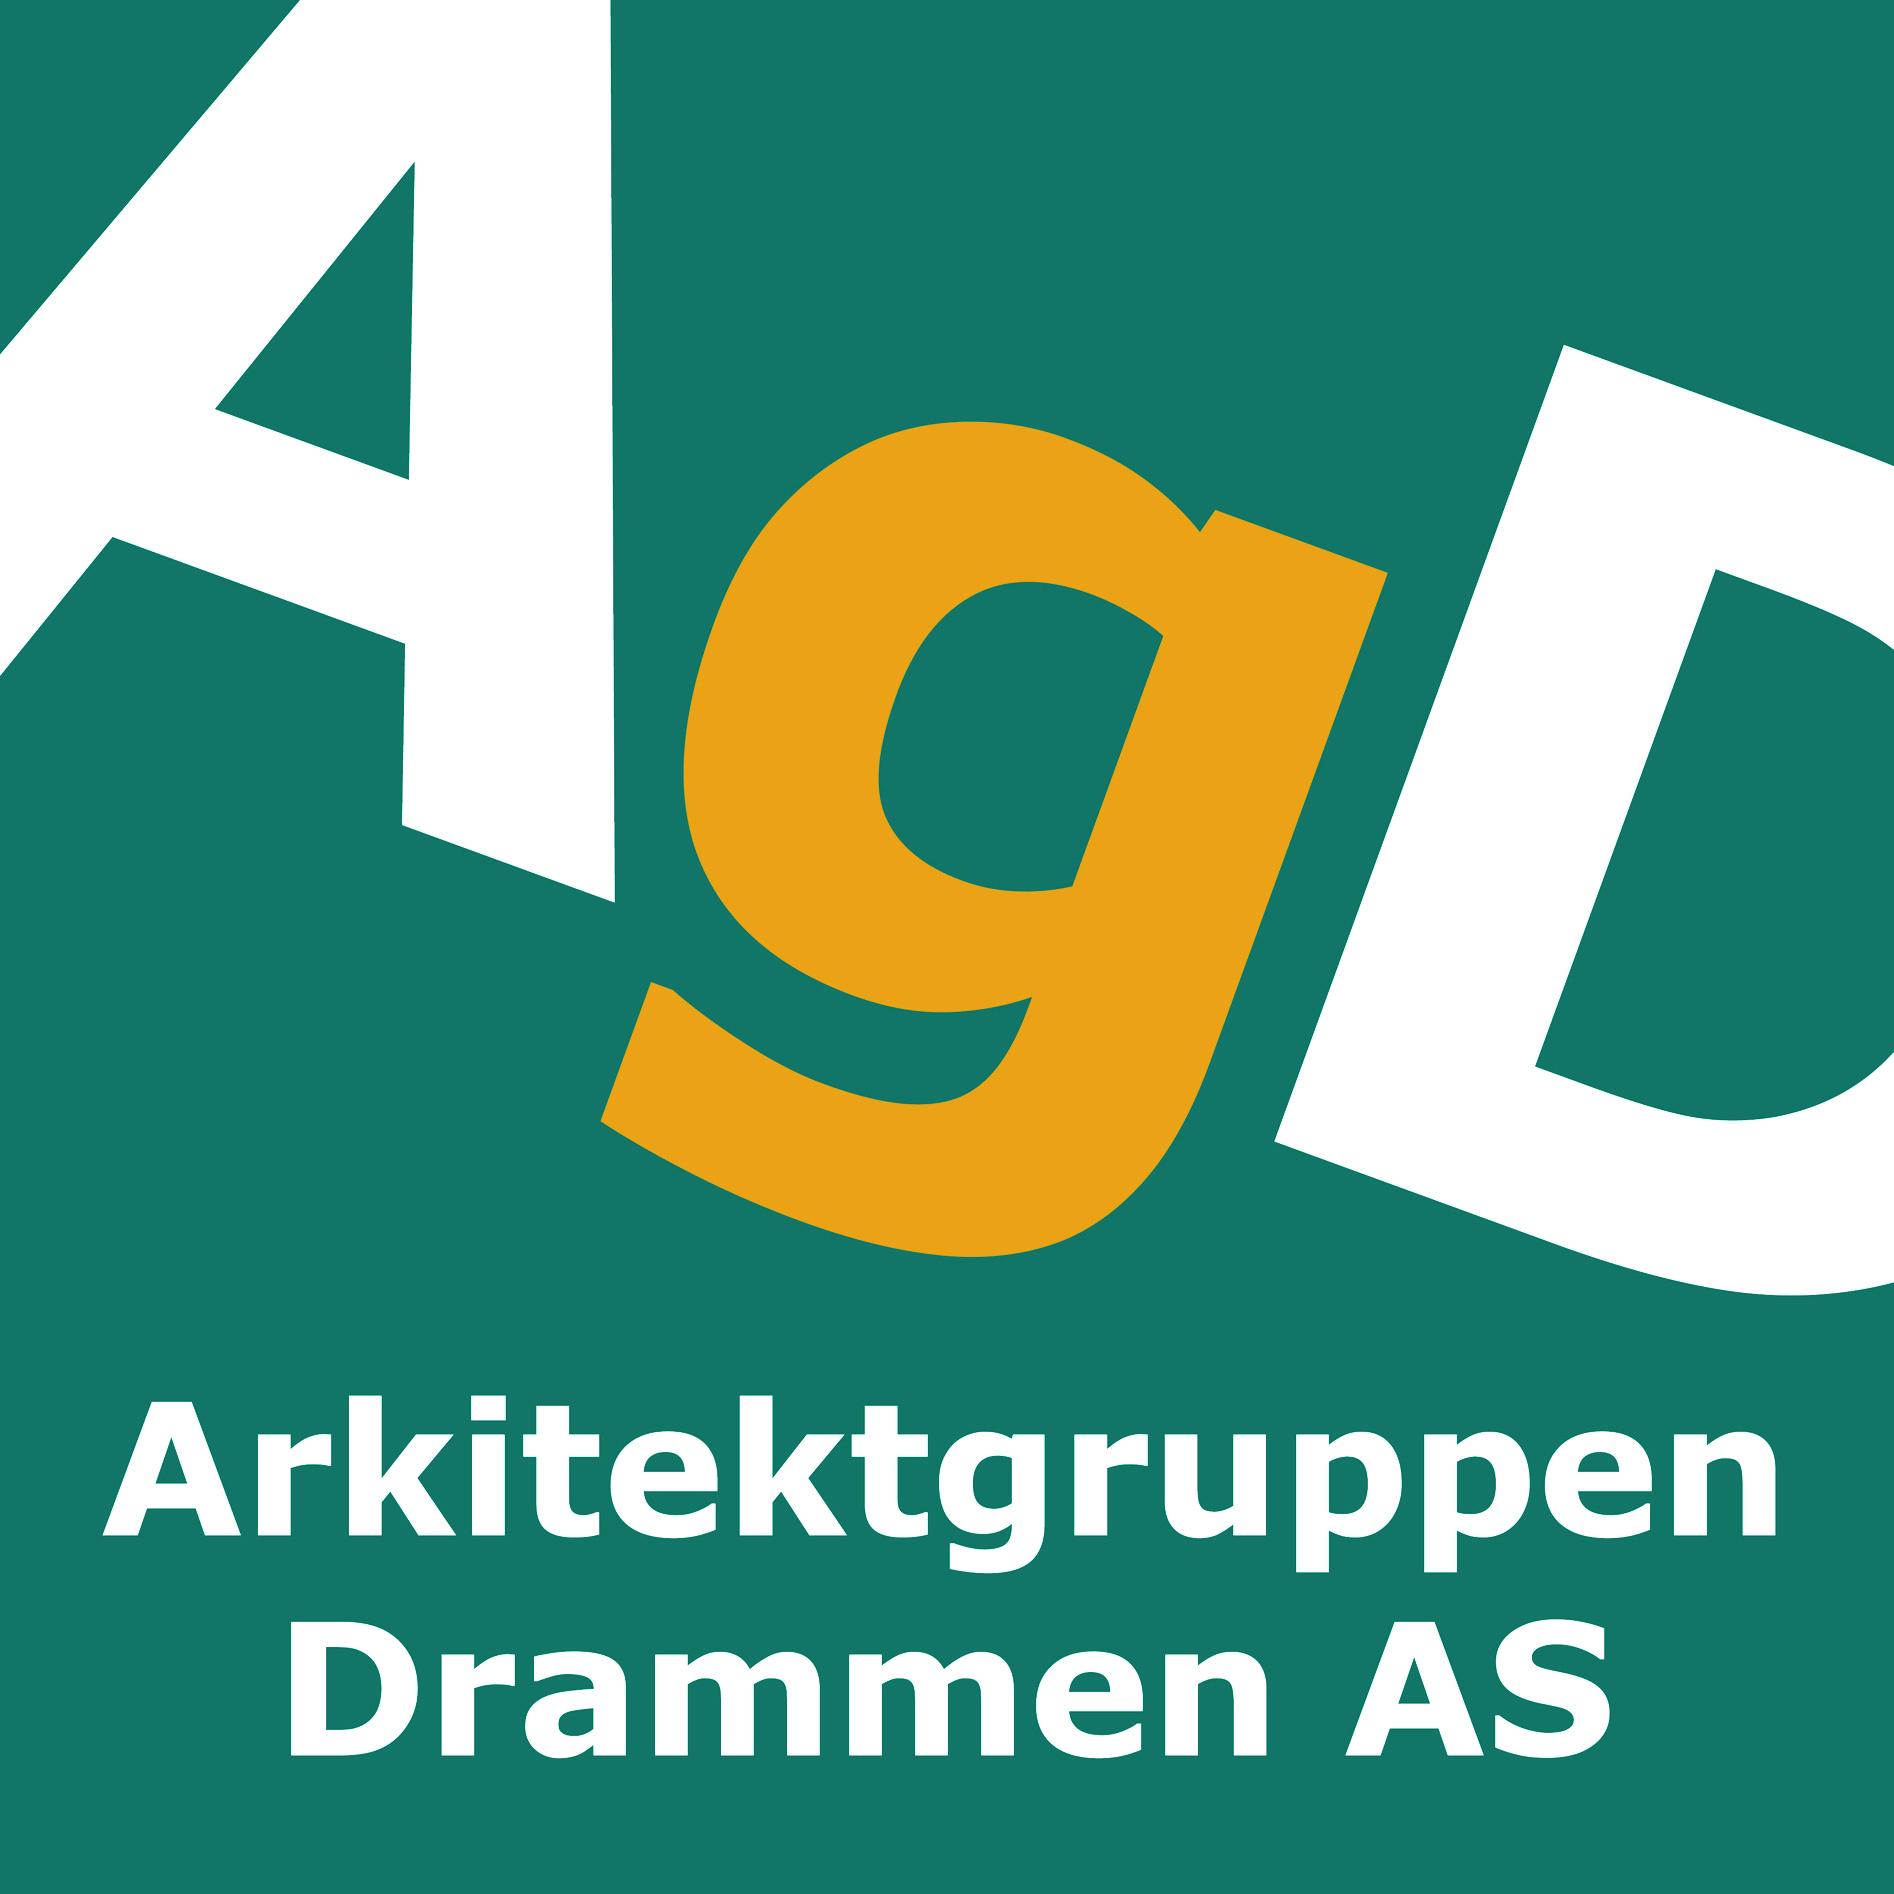 Arkitektgruppen Drammen As